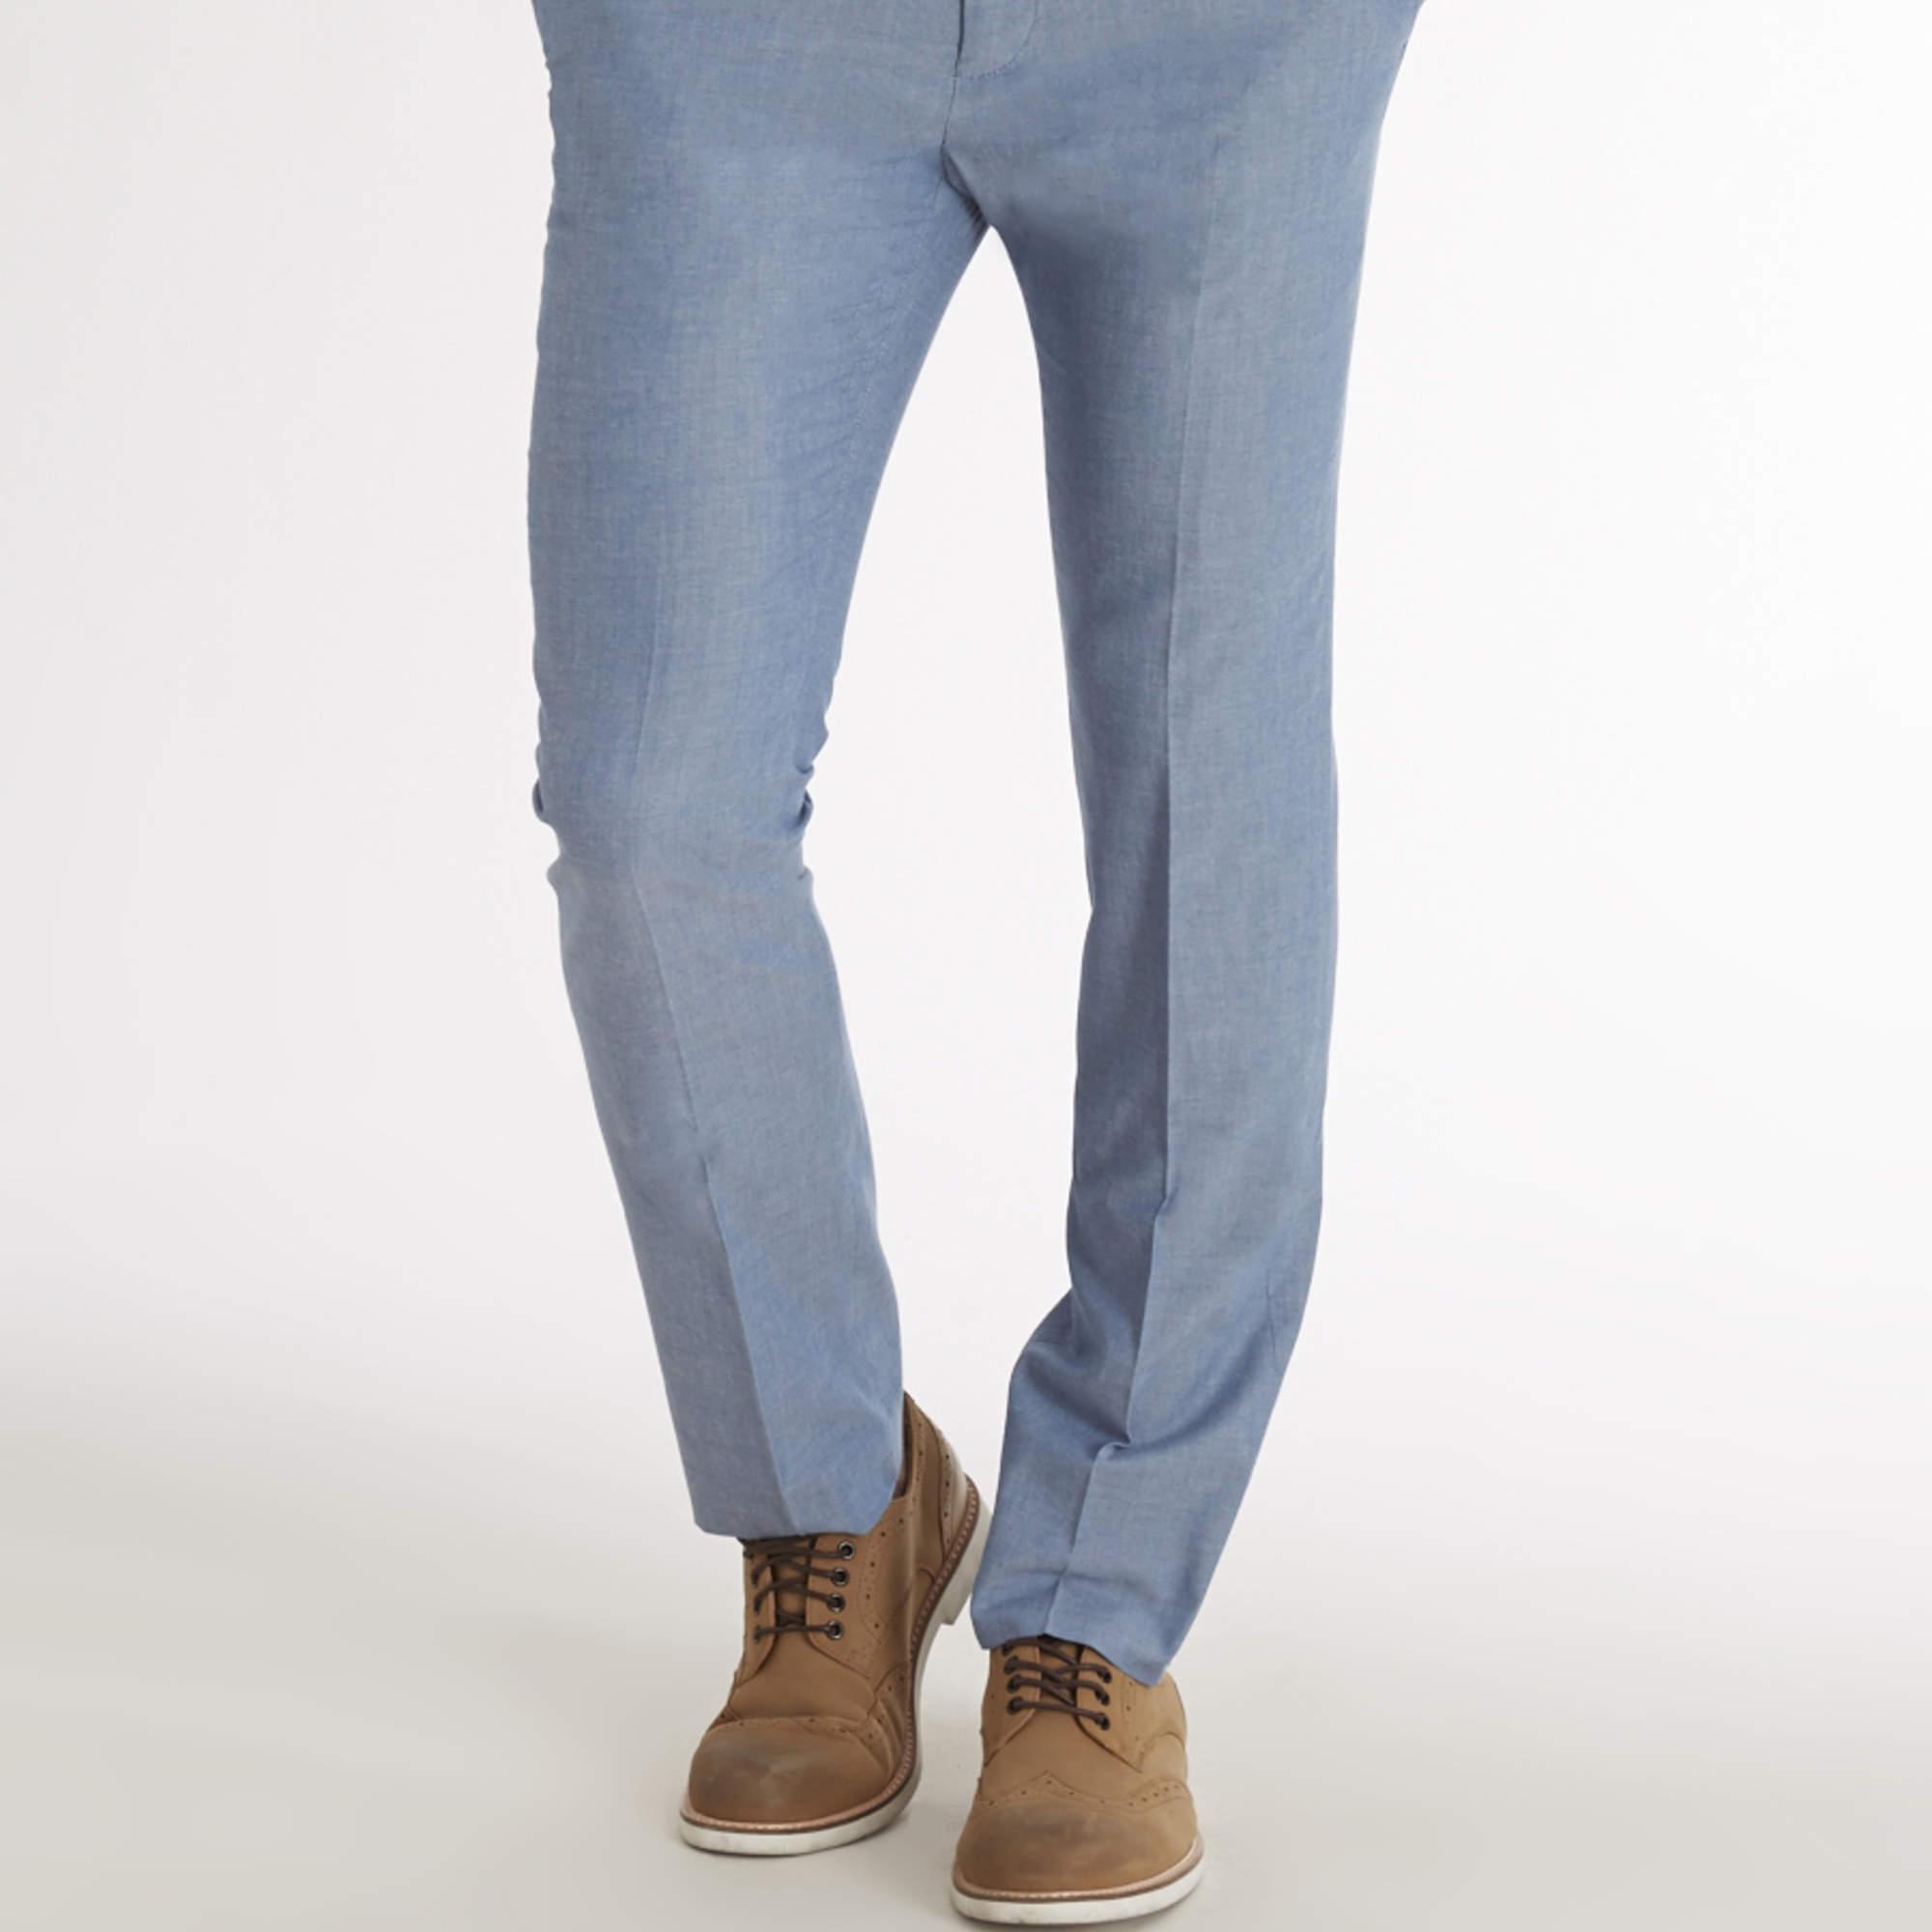 Chambray Skinny Pant - Paisley & Gray - Denim   Pants : JackThreads